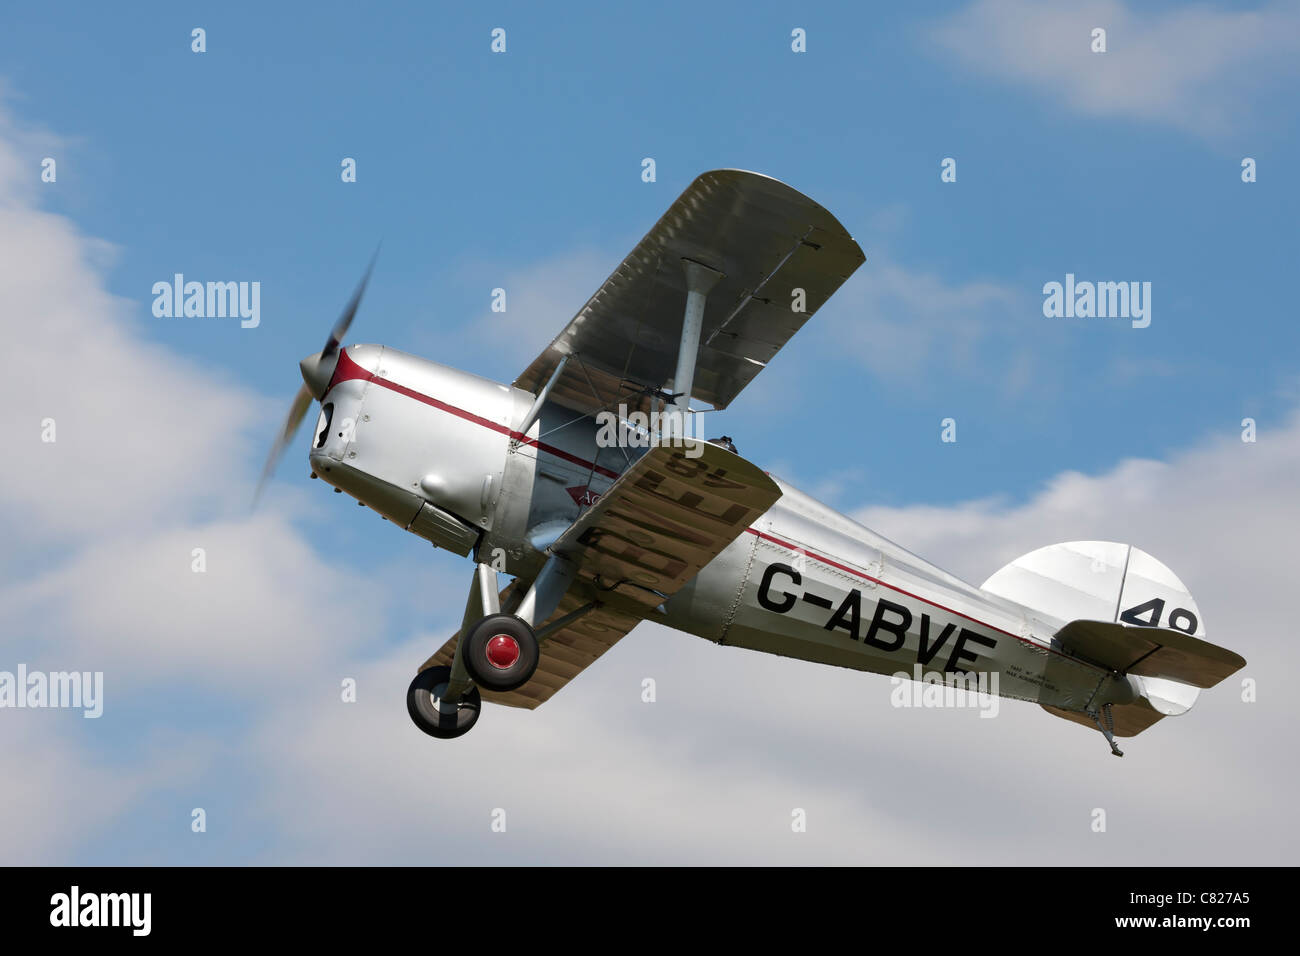 Arrow Active MKII G-ABVE 48 in flight - Stock Image